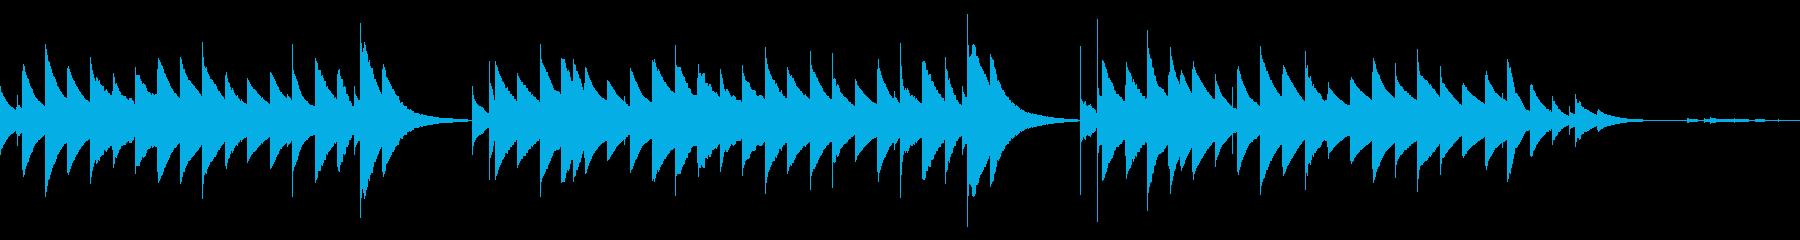 シンプルなオルゴールアレンジの再生済みの波形